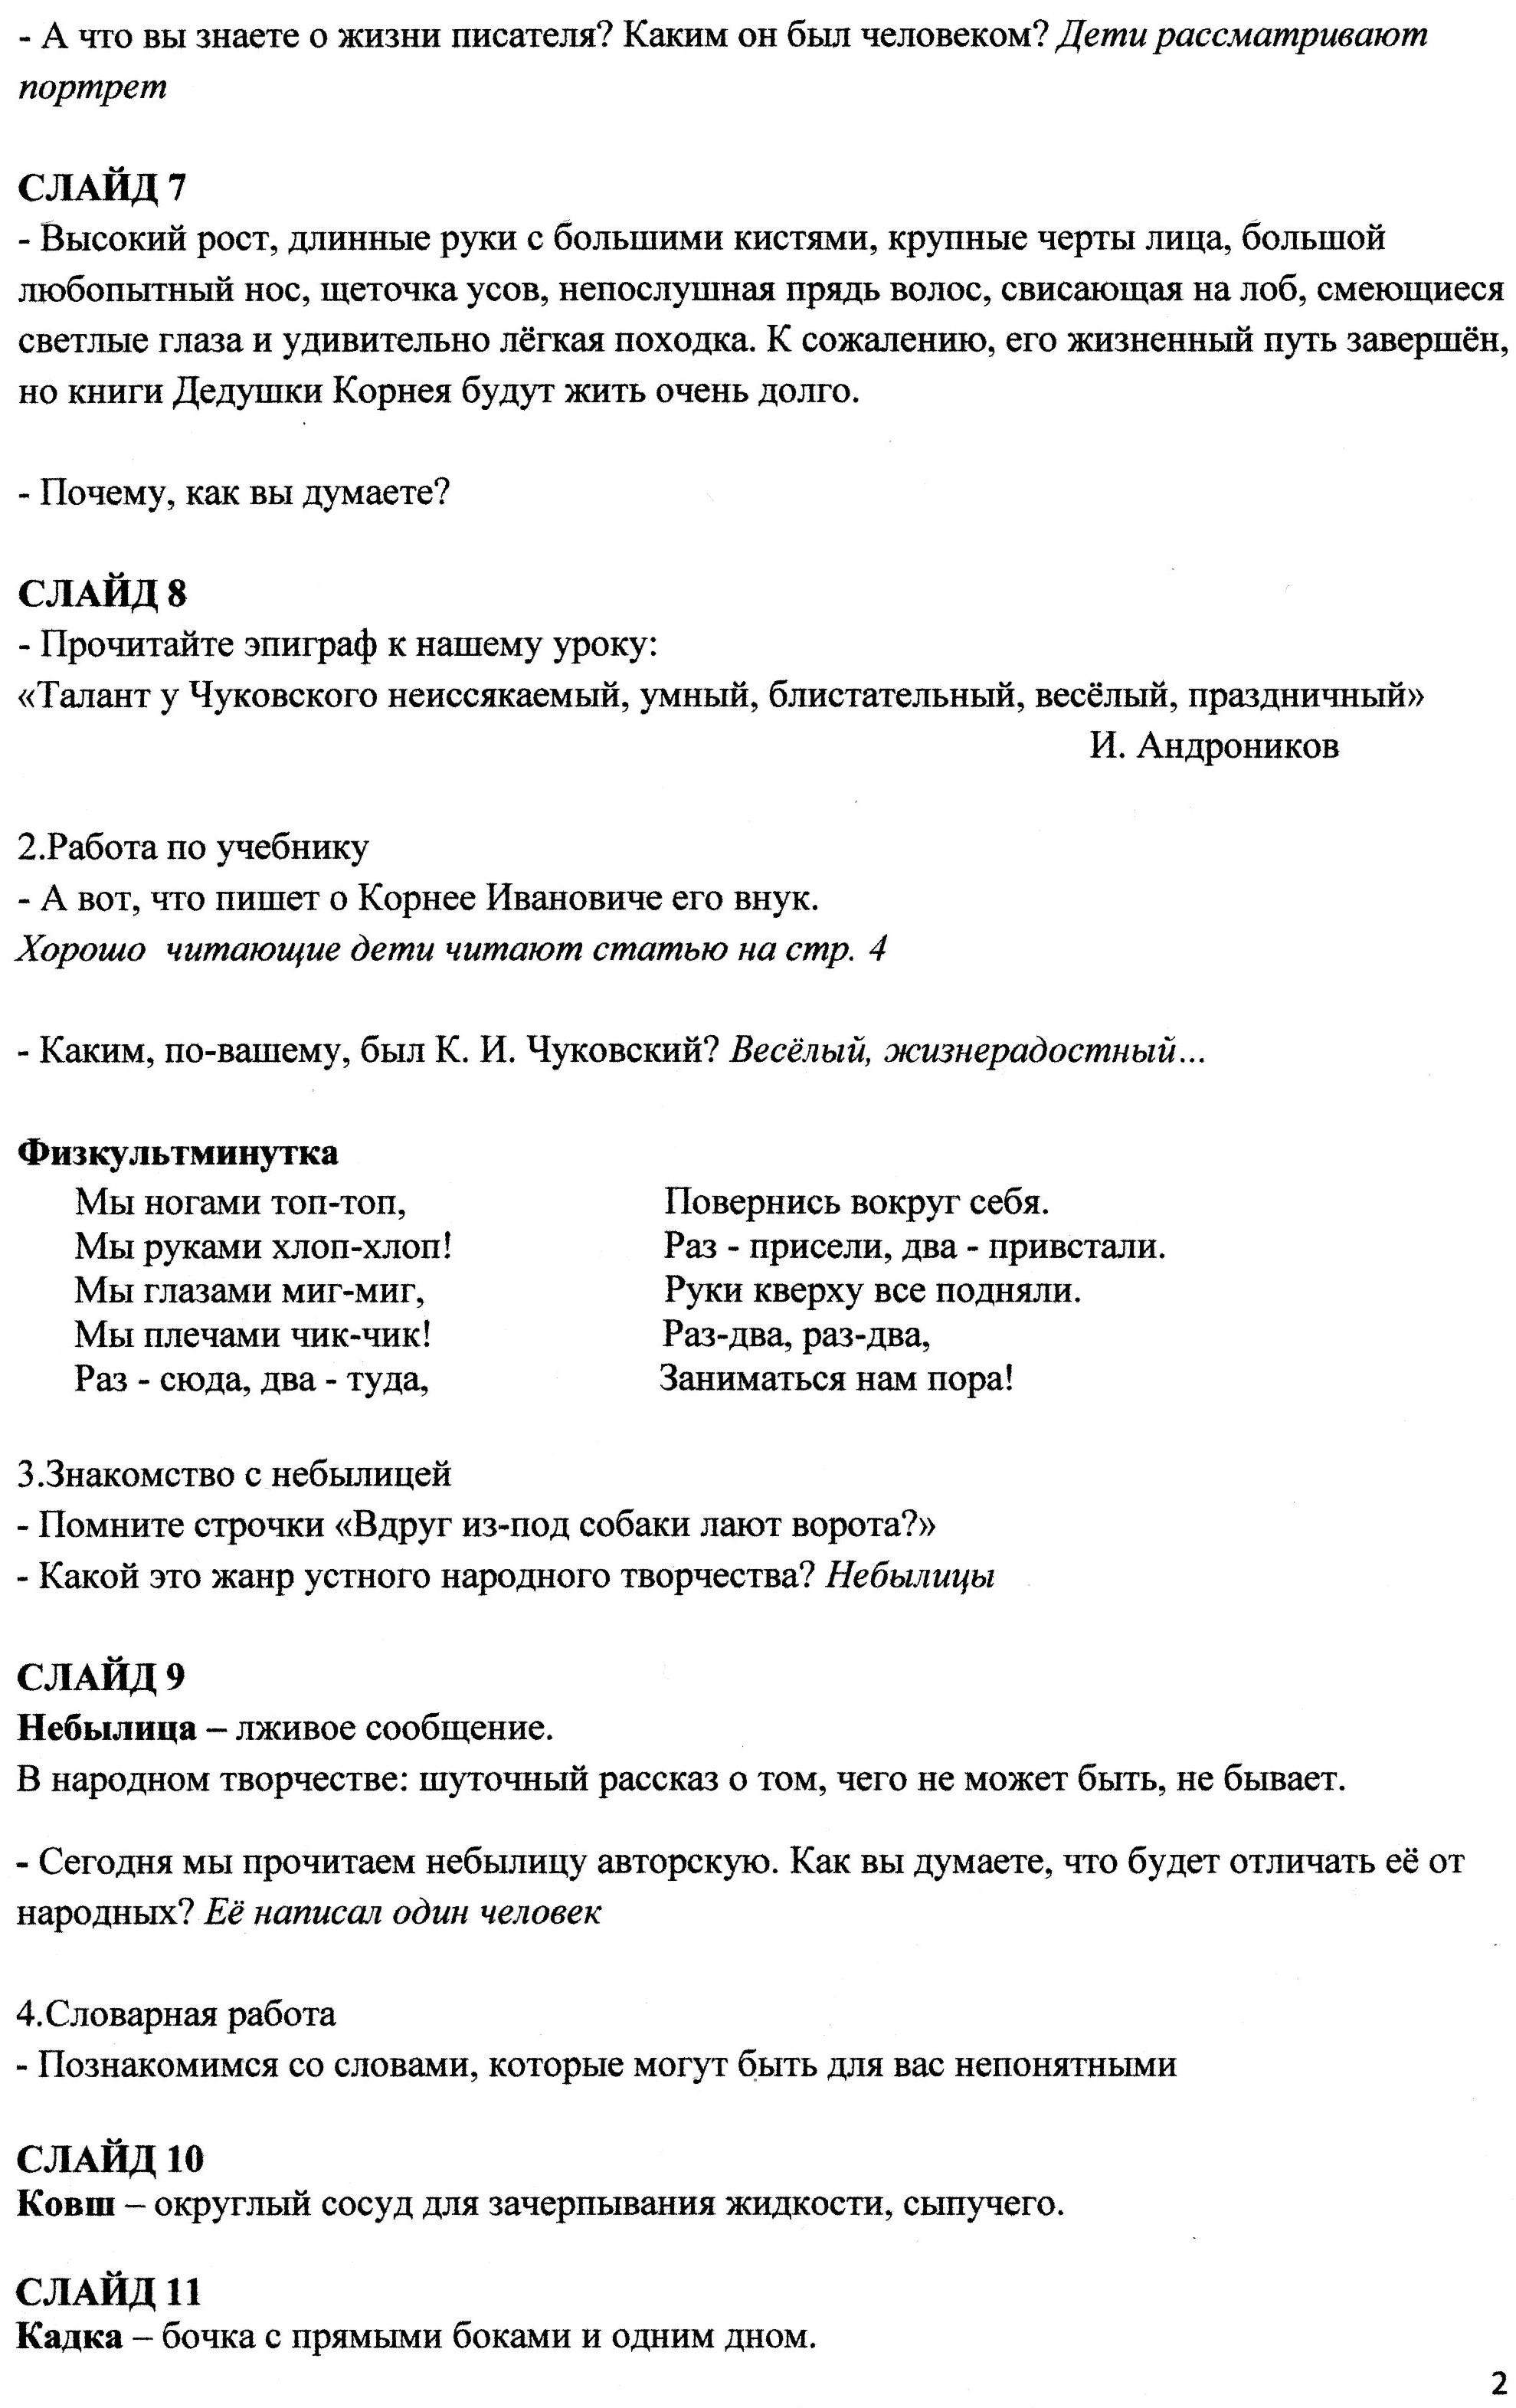 D:\курсы повышения квалификации\Галина\img218.jpg